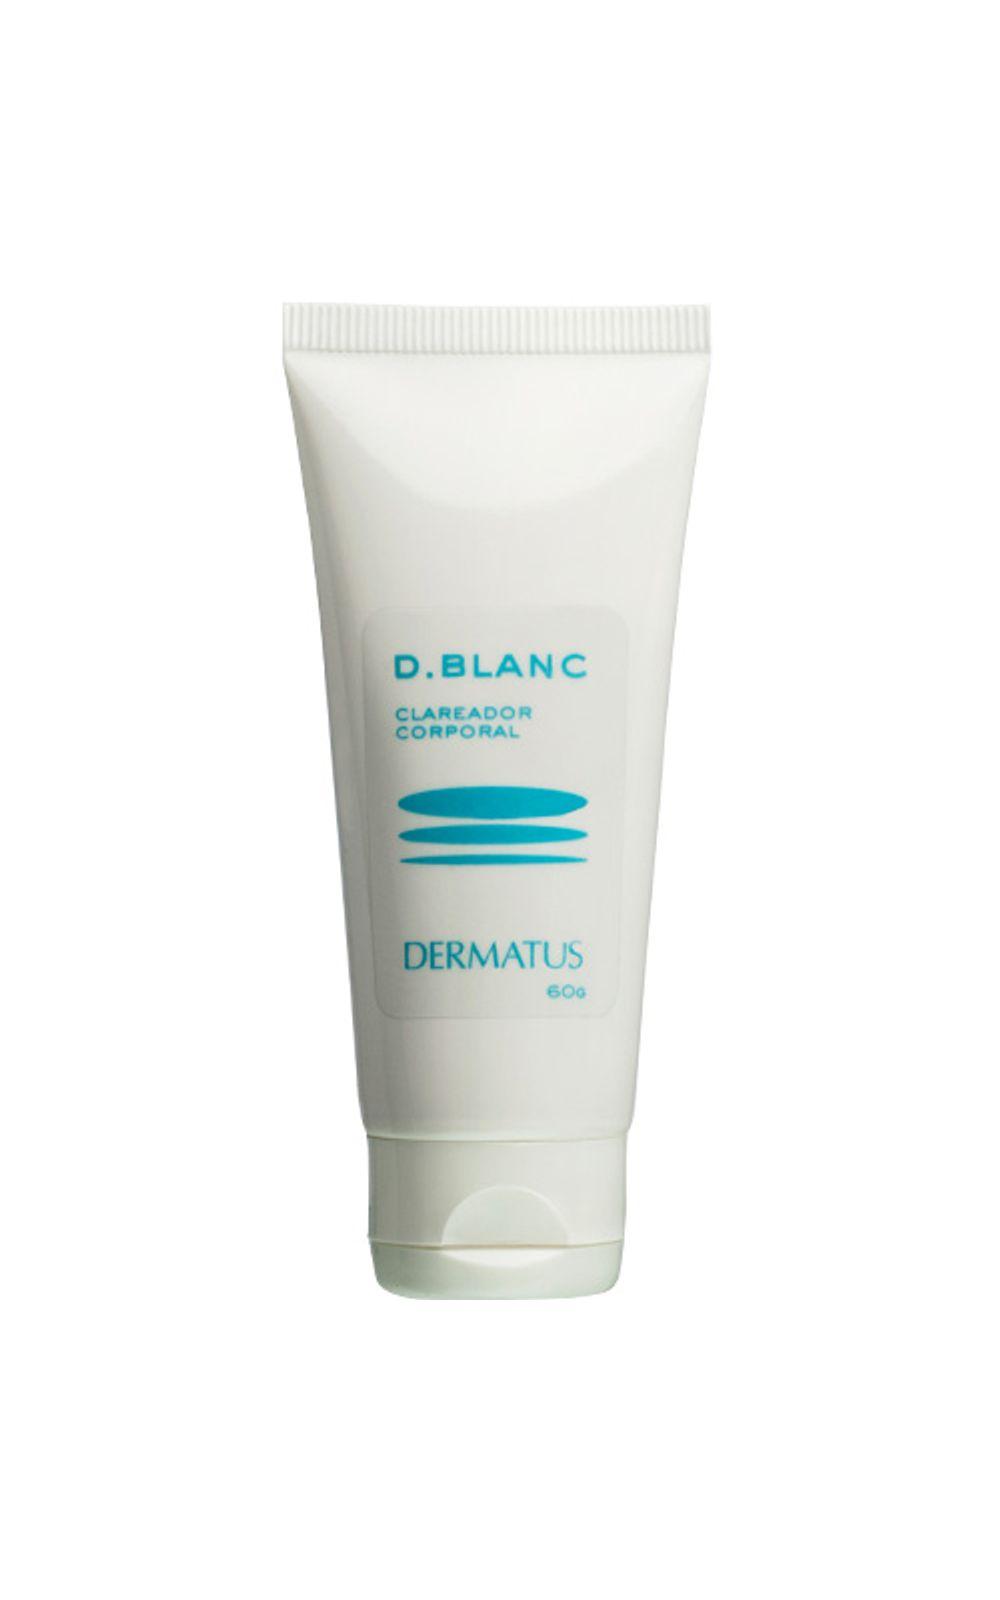 Foto 1 - D-Blanc Clareador Corporal Dermatus - Clareador Corporal - 60g